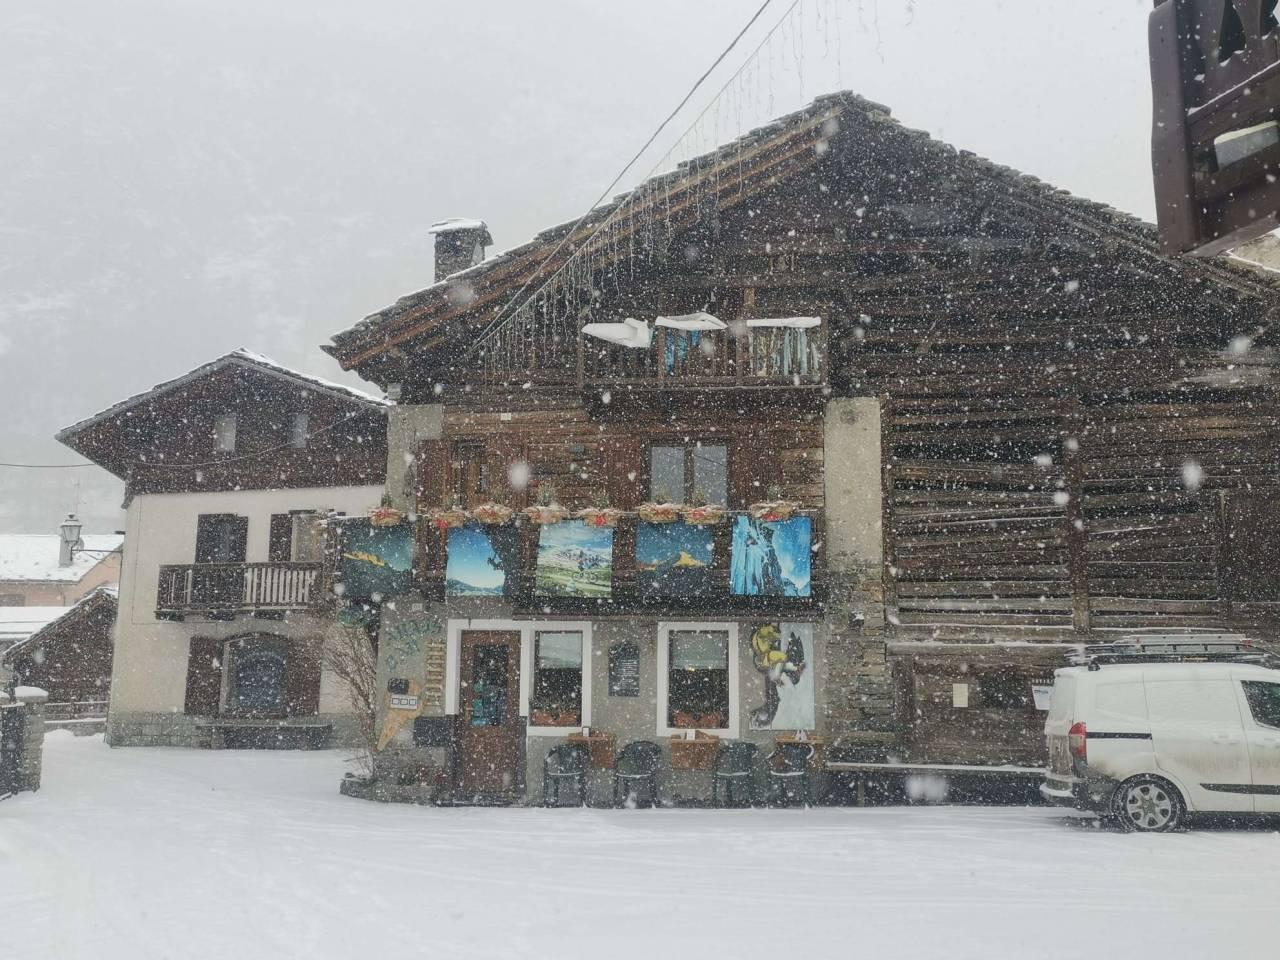 Nevicata in corso a Cogne (AO), frazione Lillaz